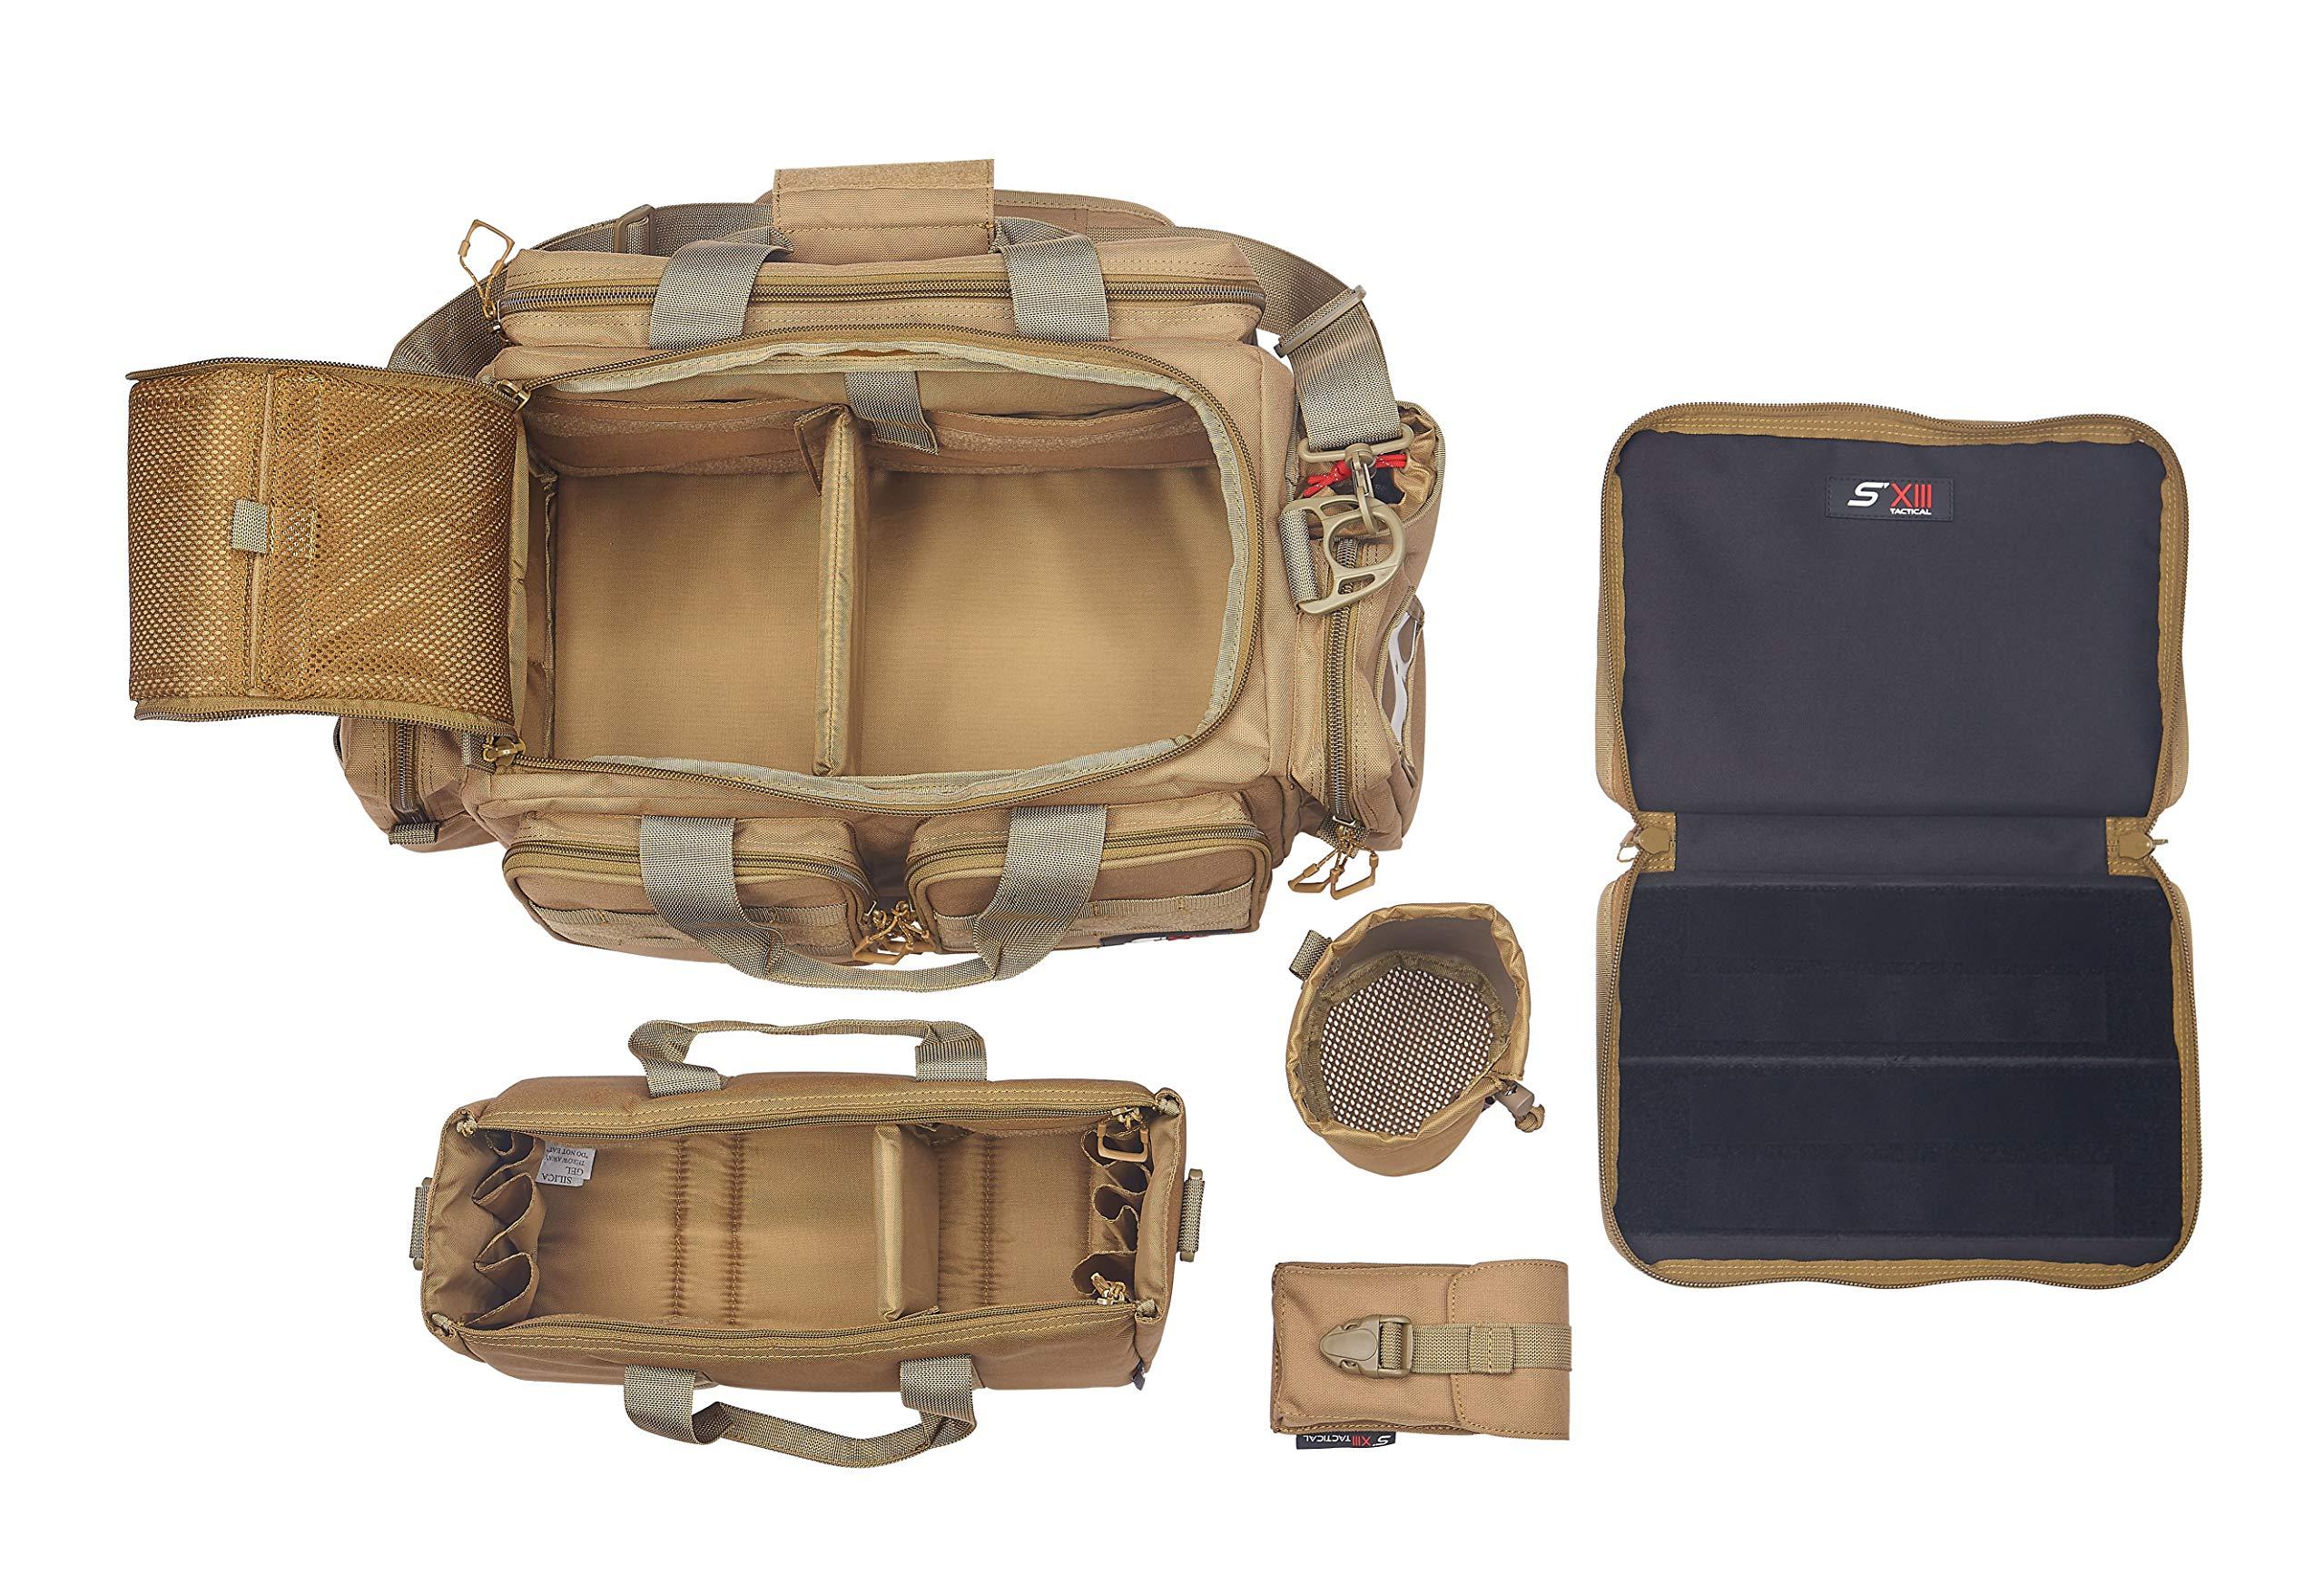 SXIII S13 RB1-TAN 1000D Ballistic Denier Tactical Pistol Range Bag (Tan)